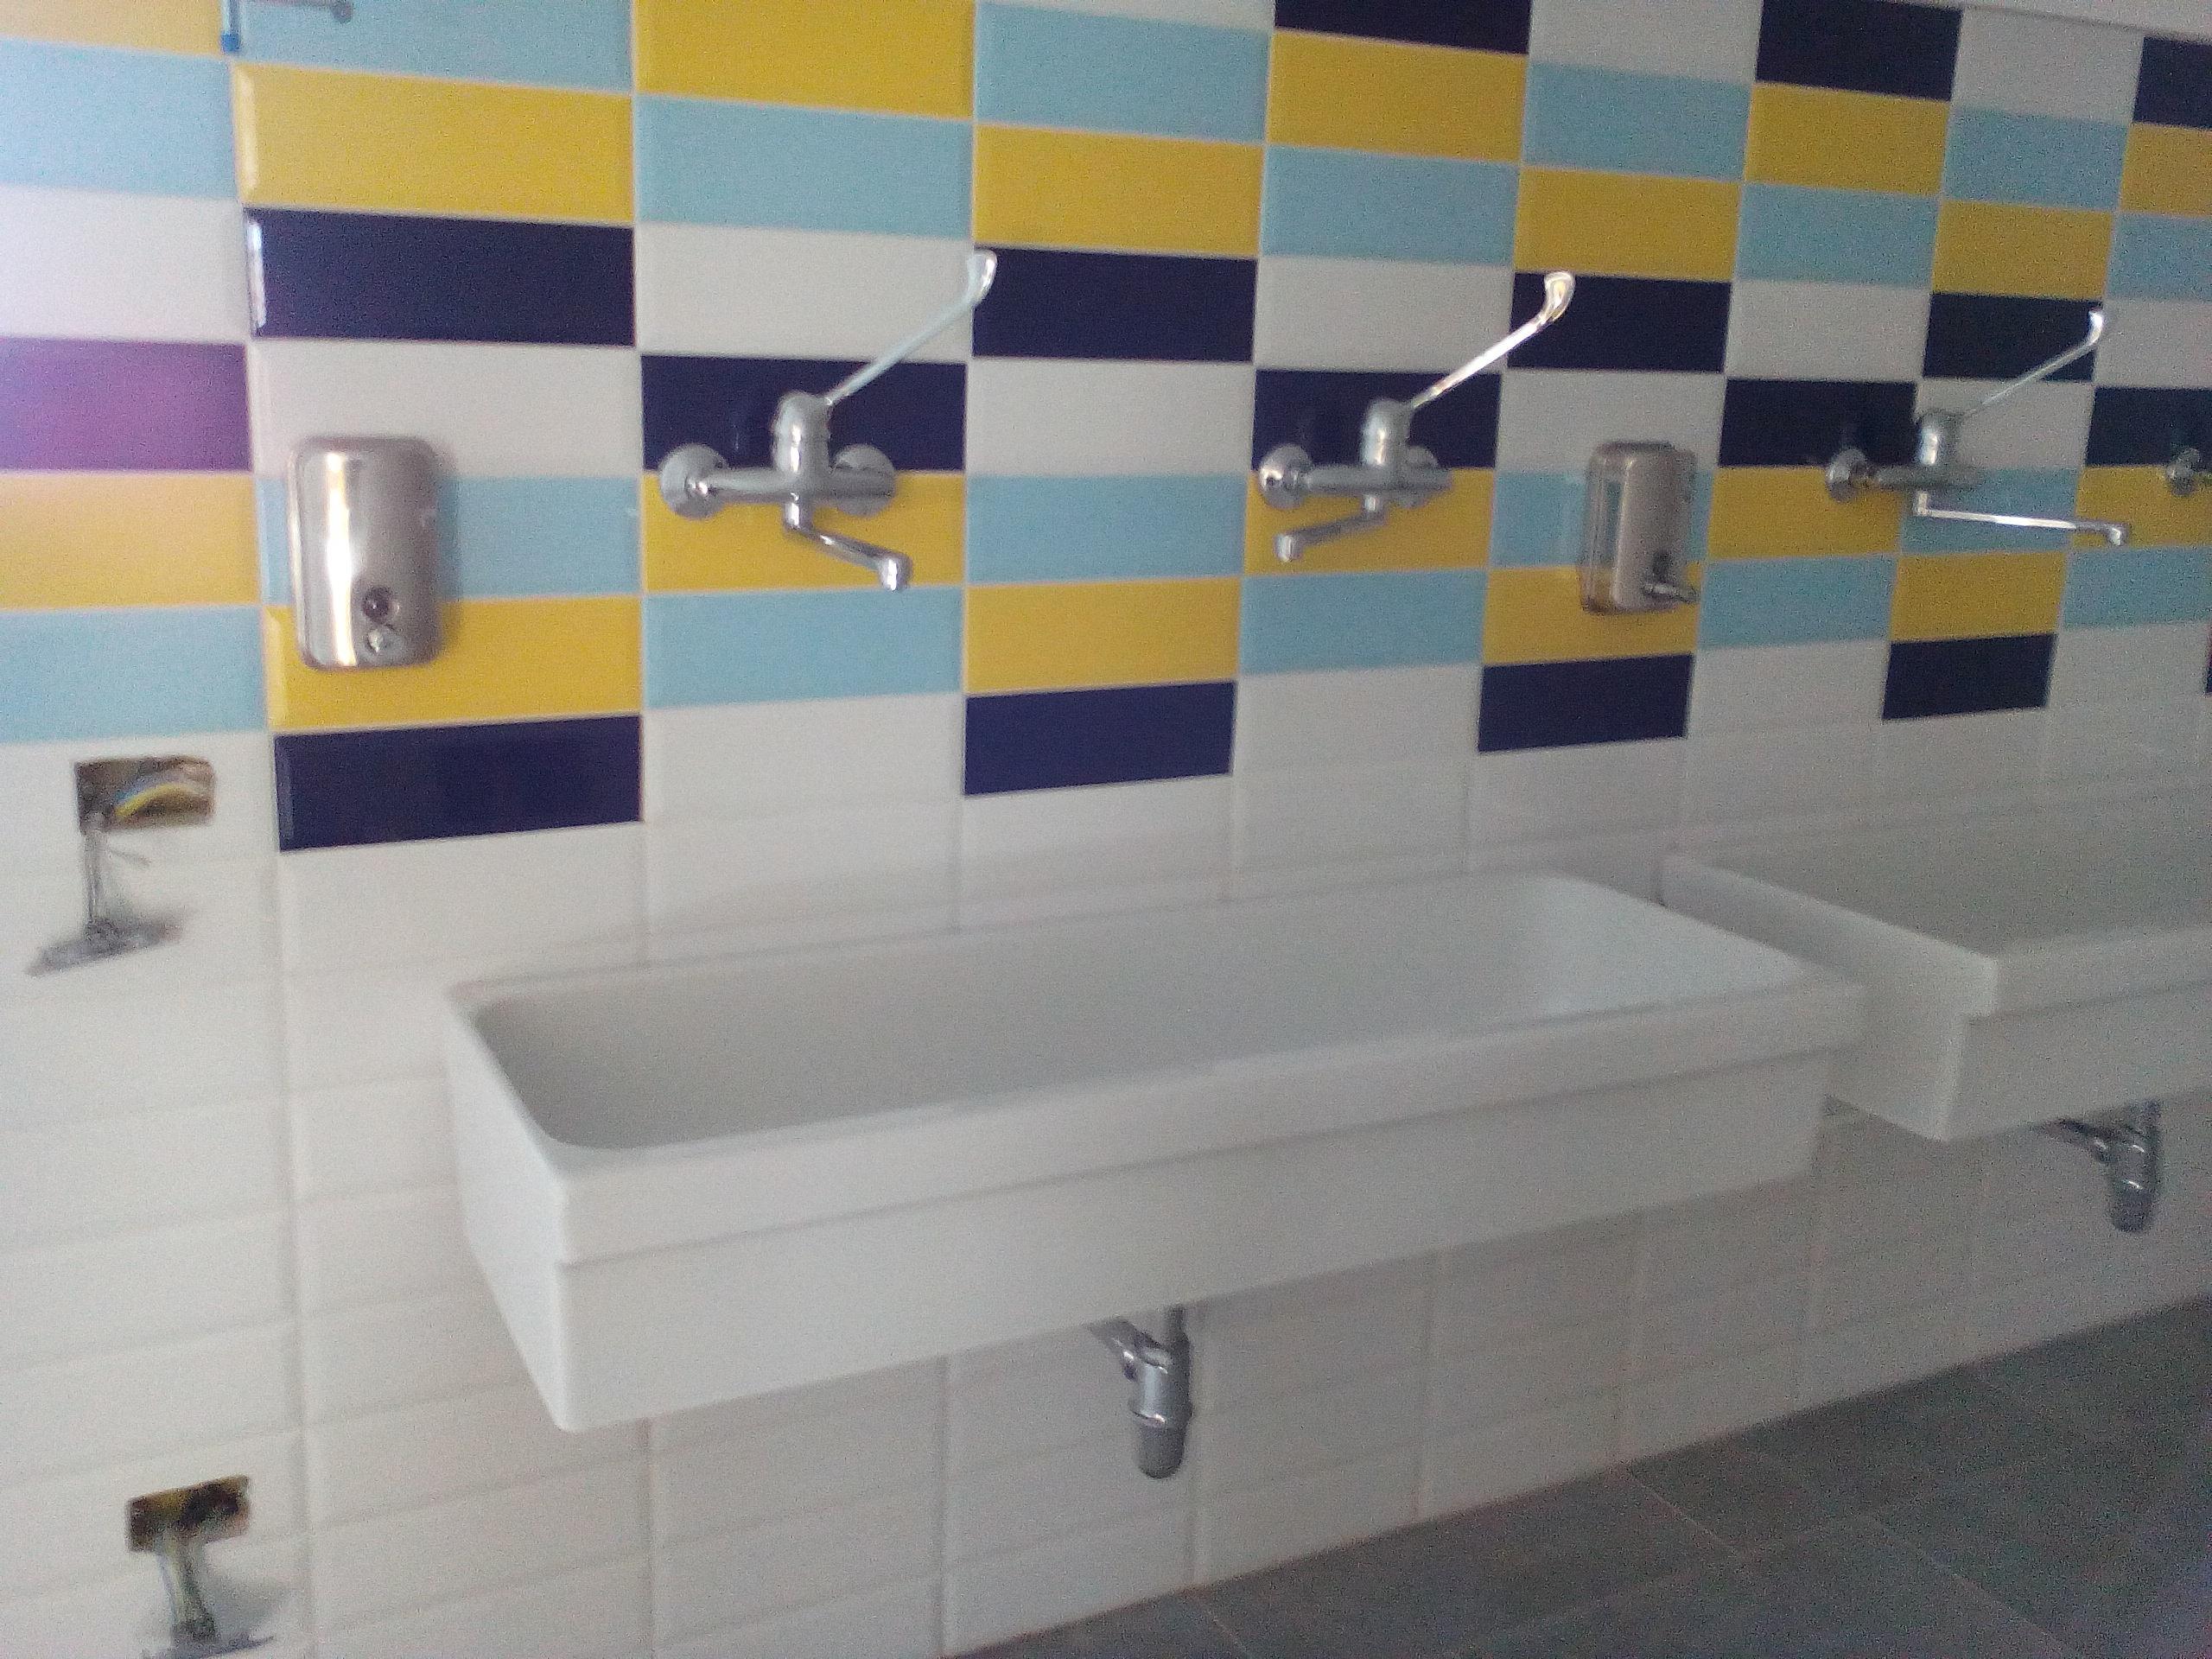 Bagno moderno colorato